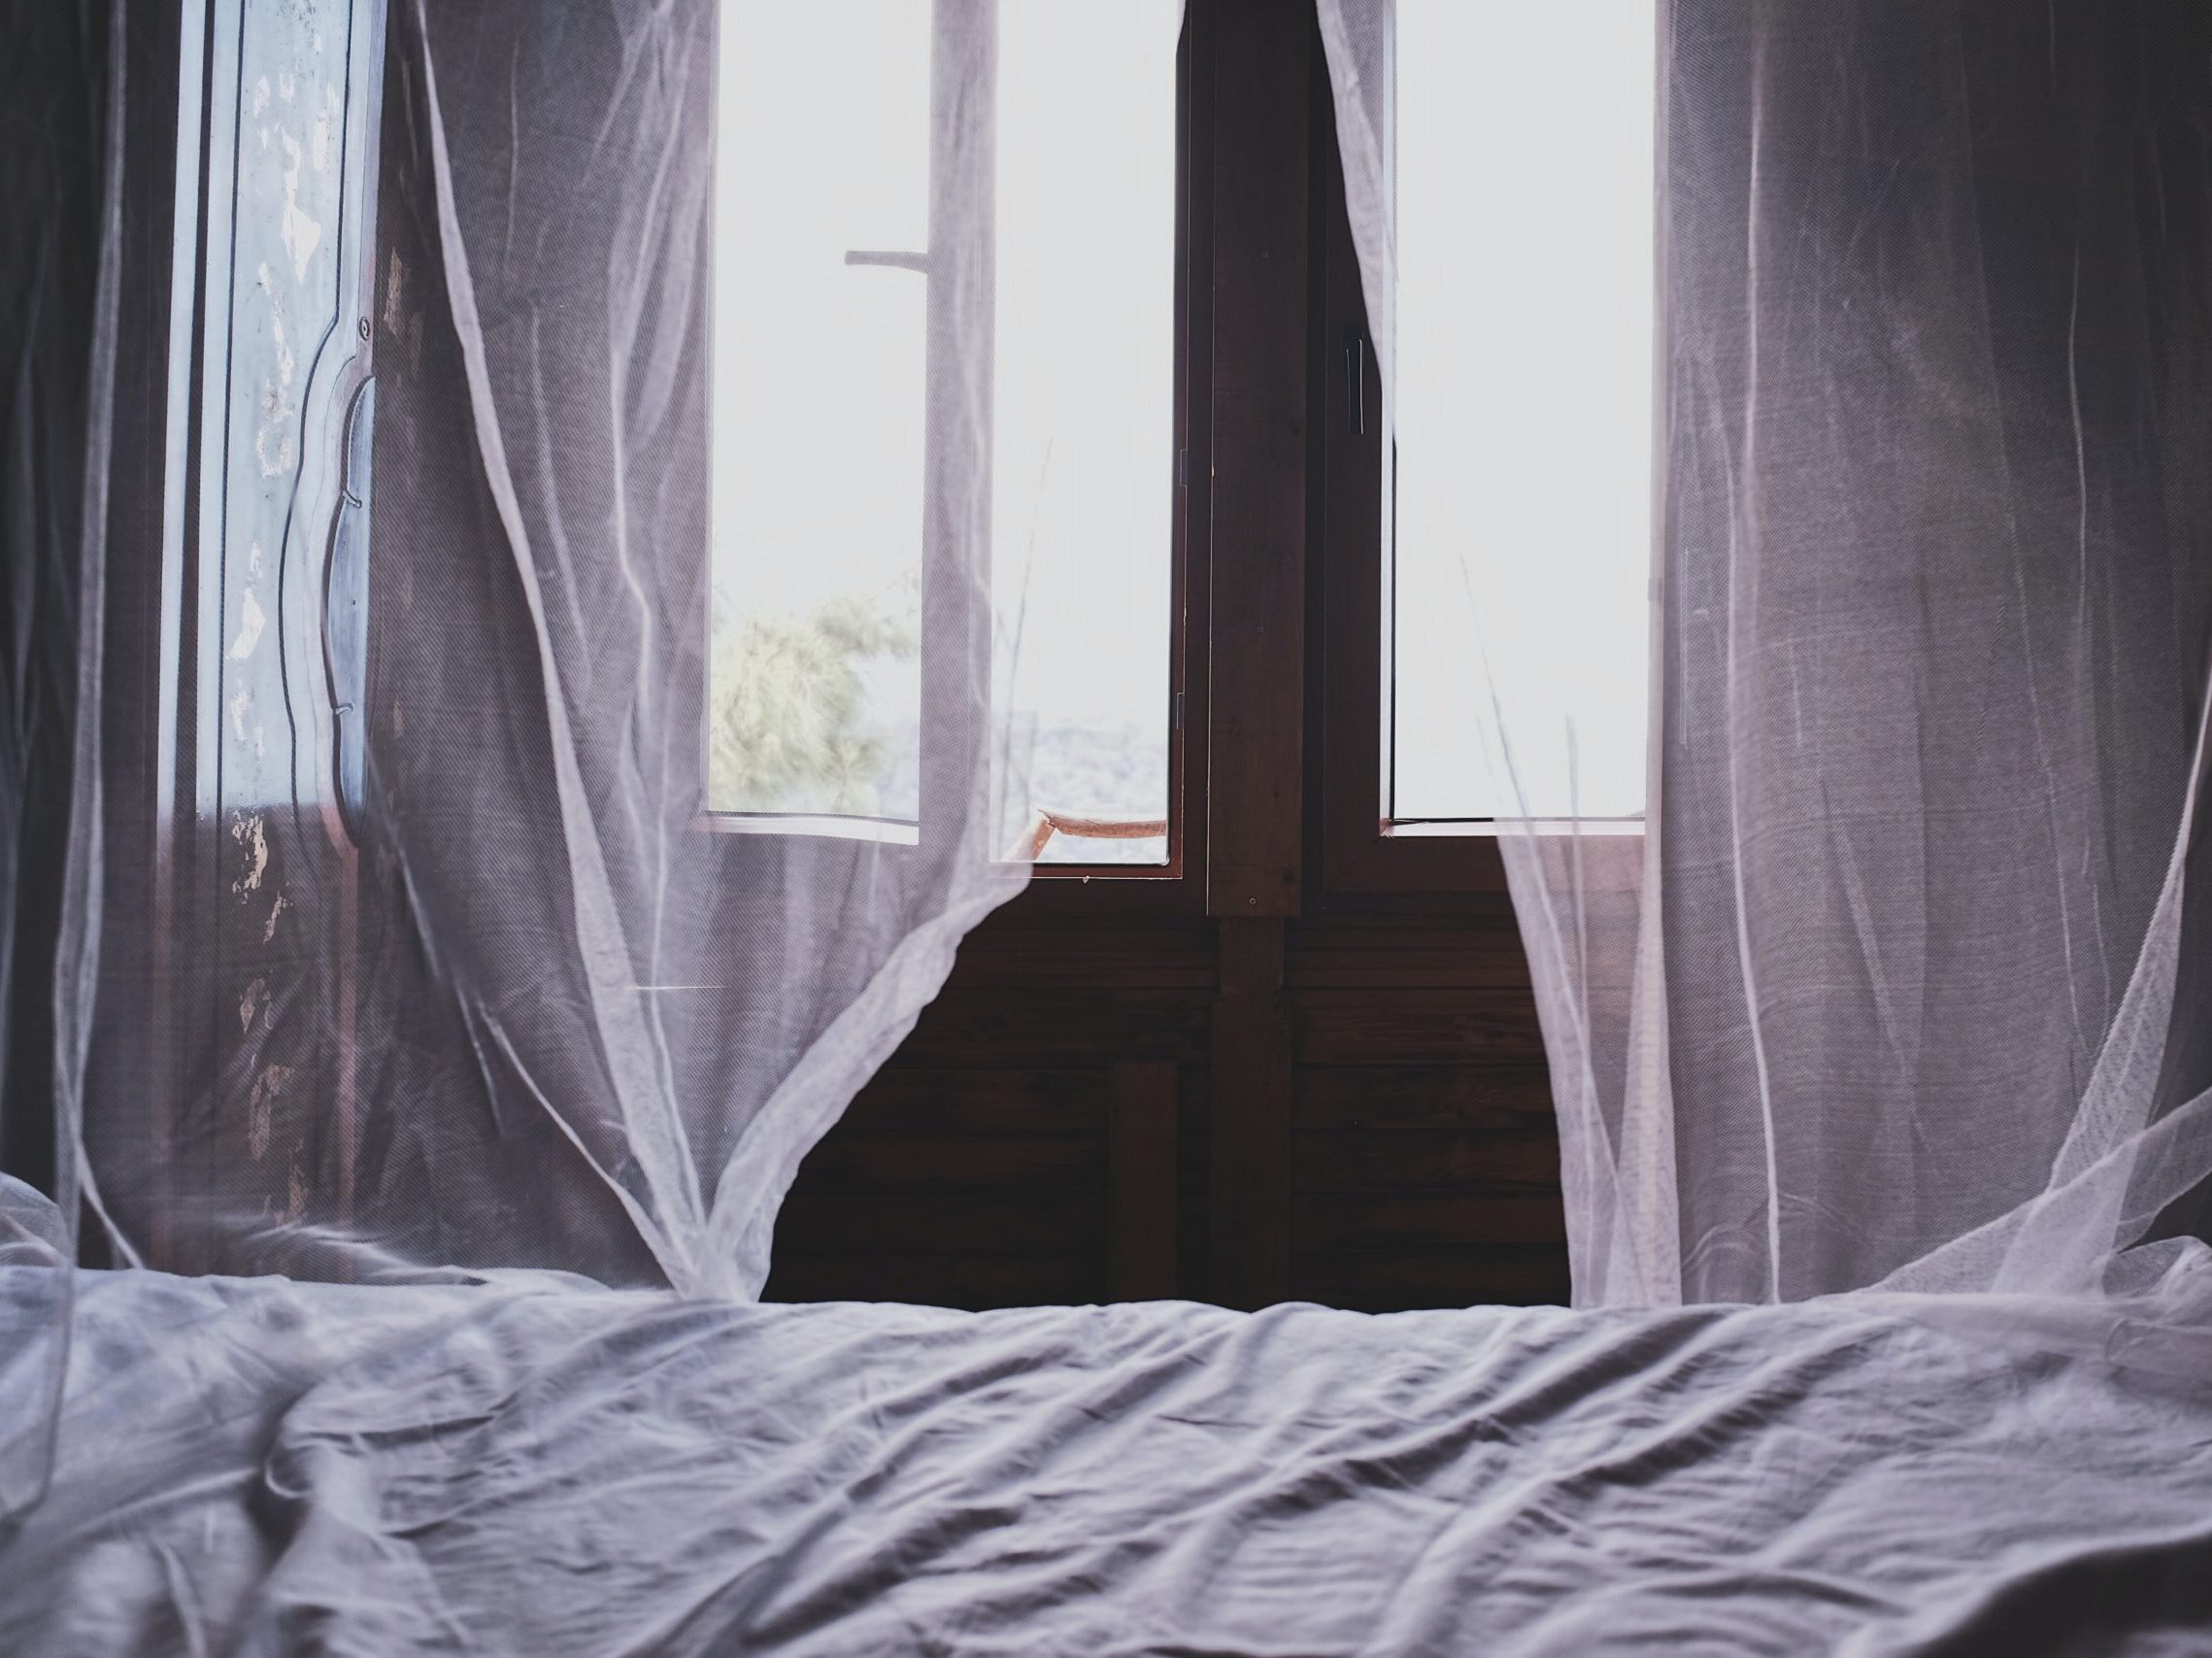 white bedspread beside window